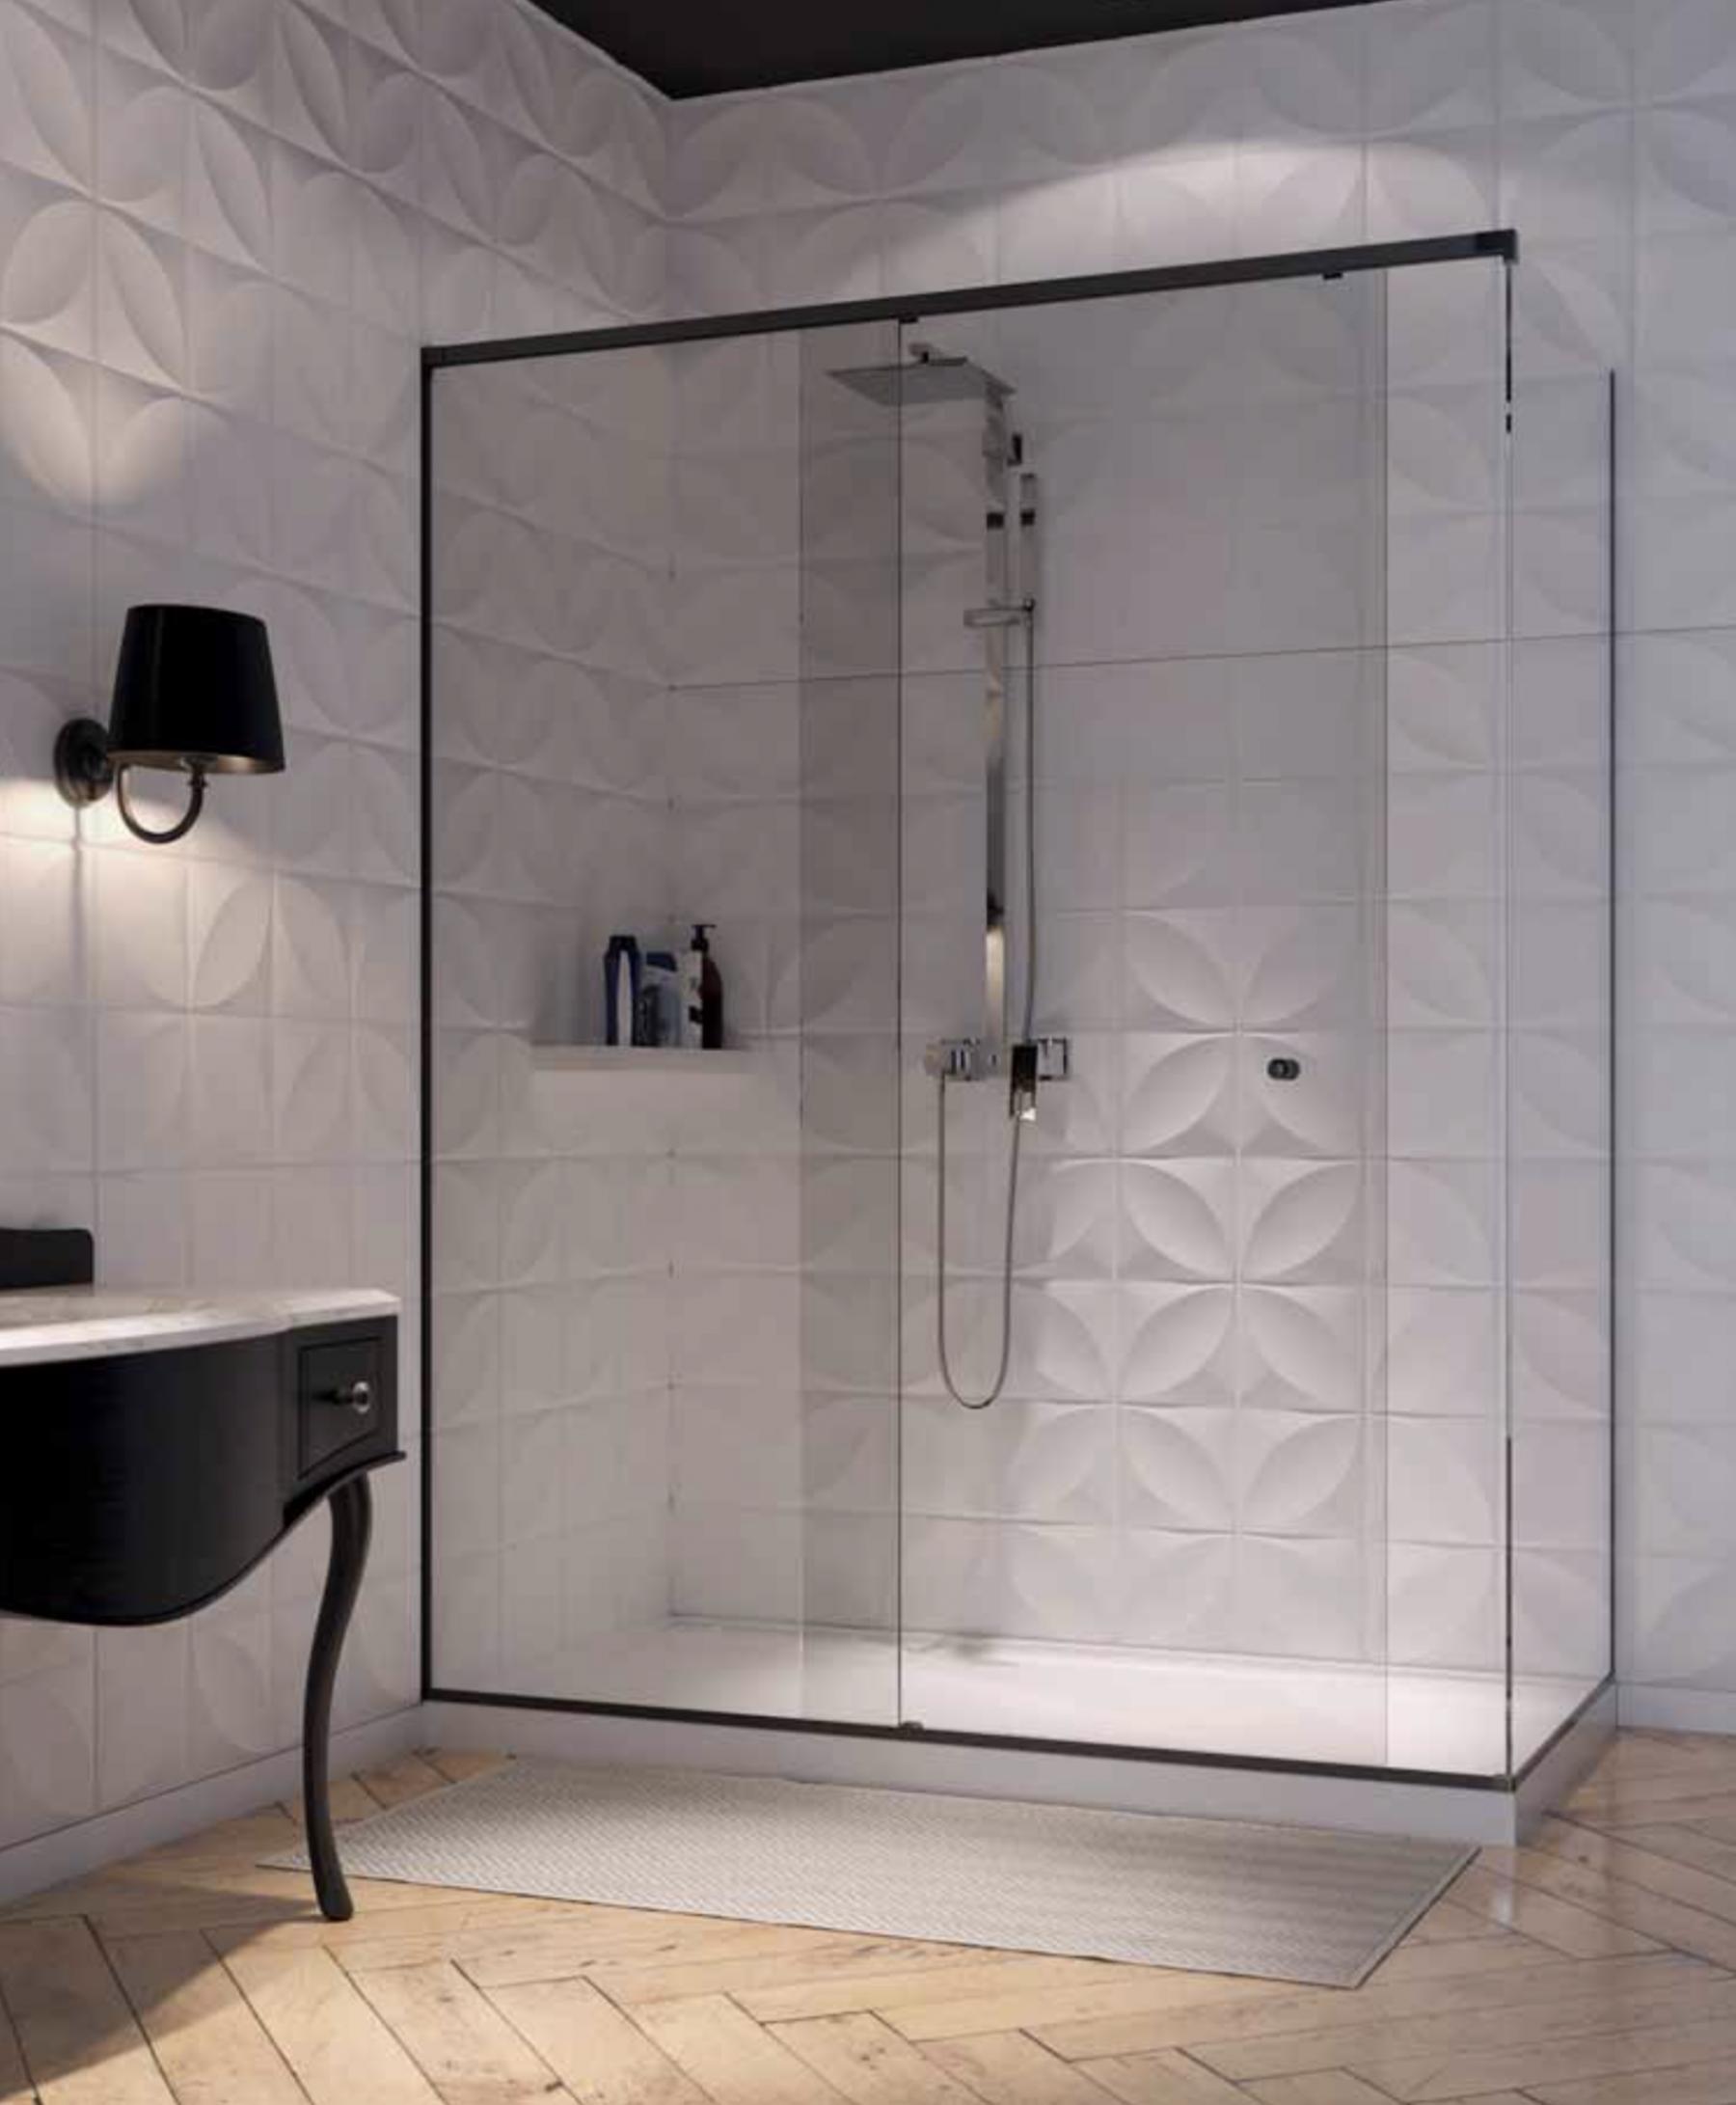 Schuifdeur voor douche met zwart beslag